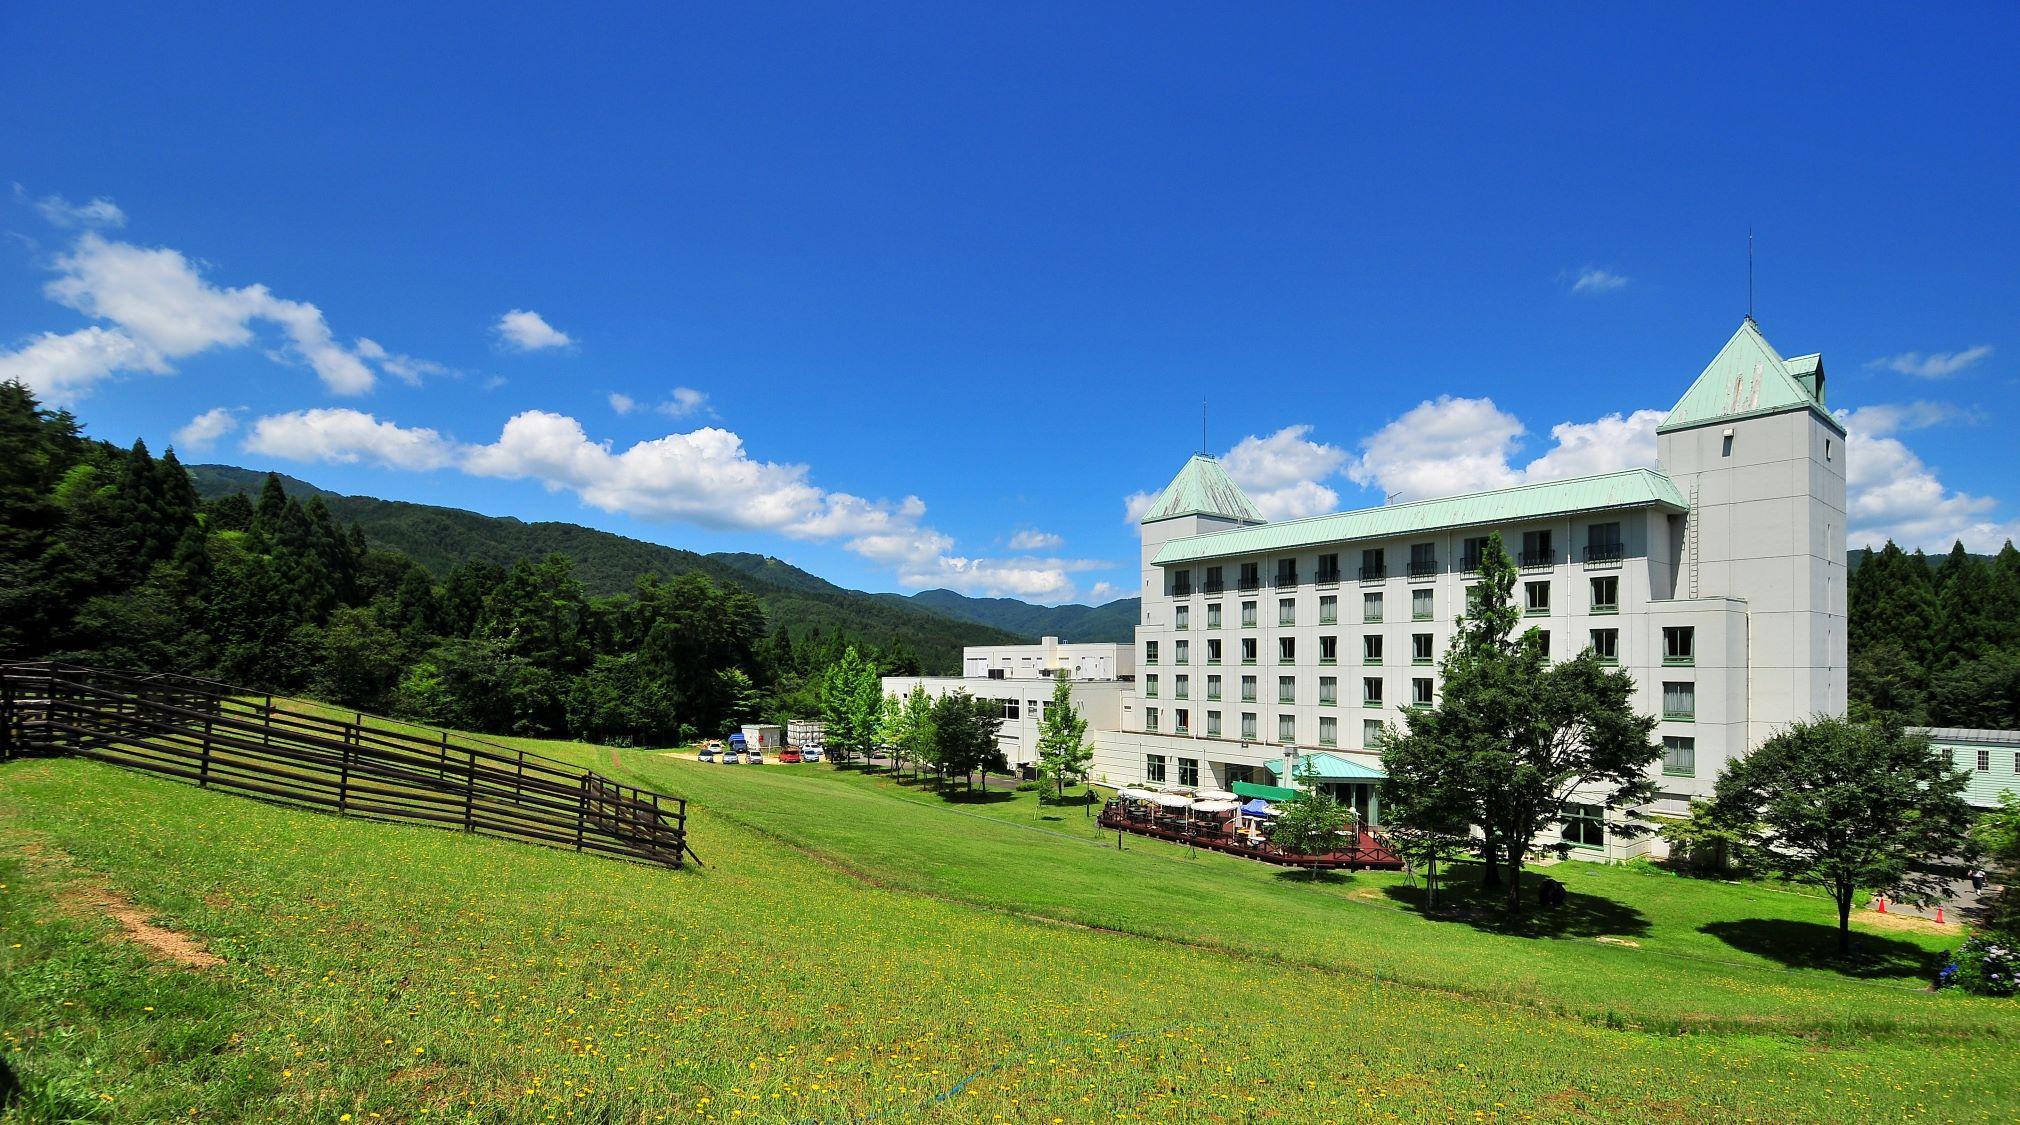 神鍋温泉 自然に癒される高原ホテル ブルーリッジホテル その1